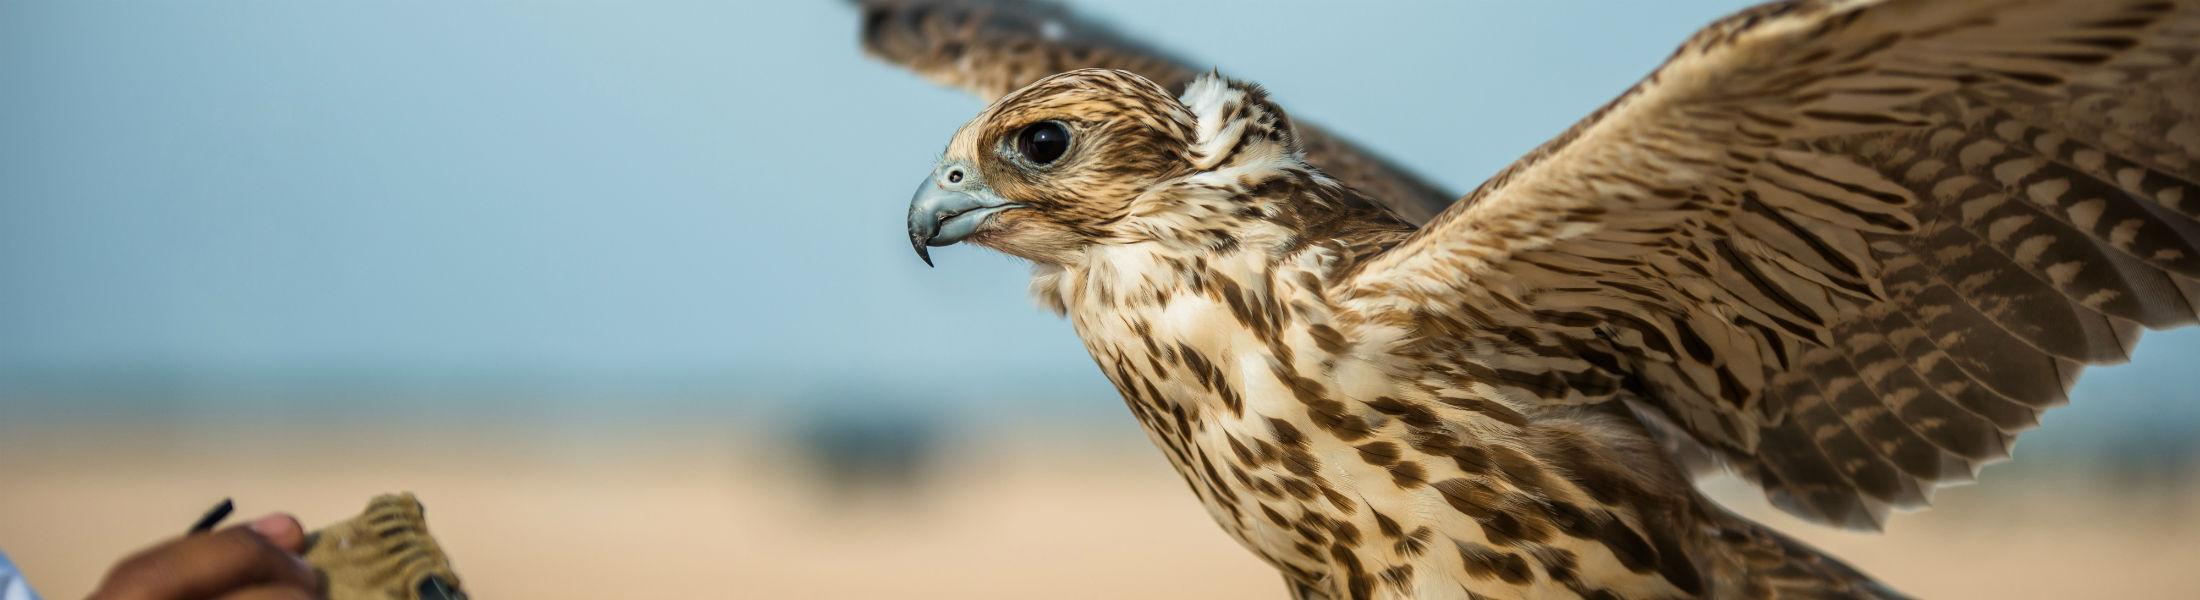 Dubai - Falcon